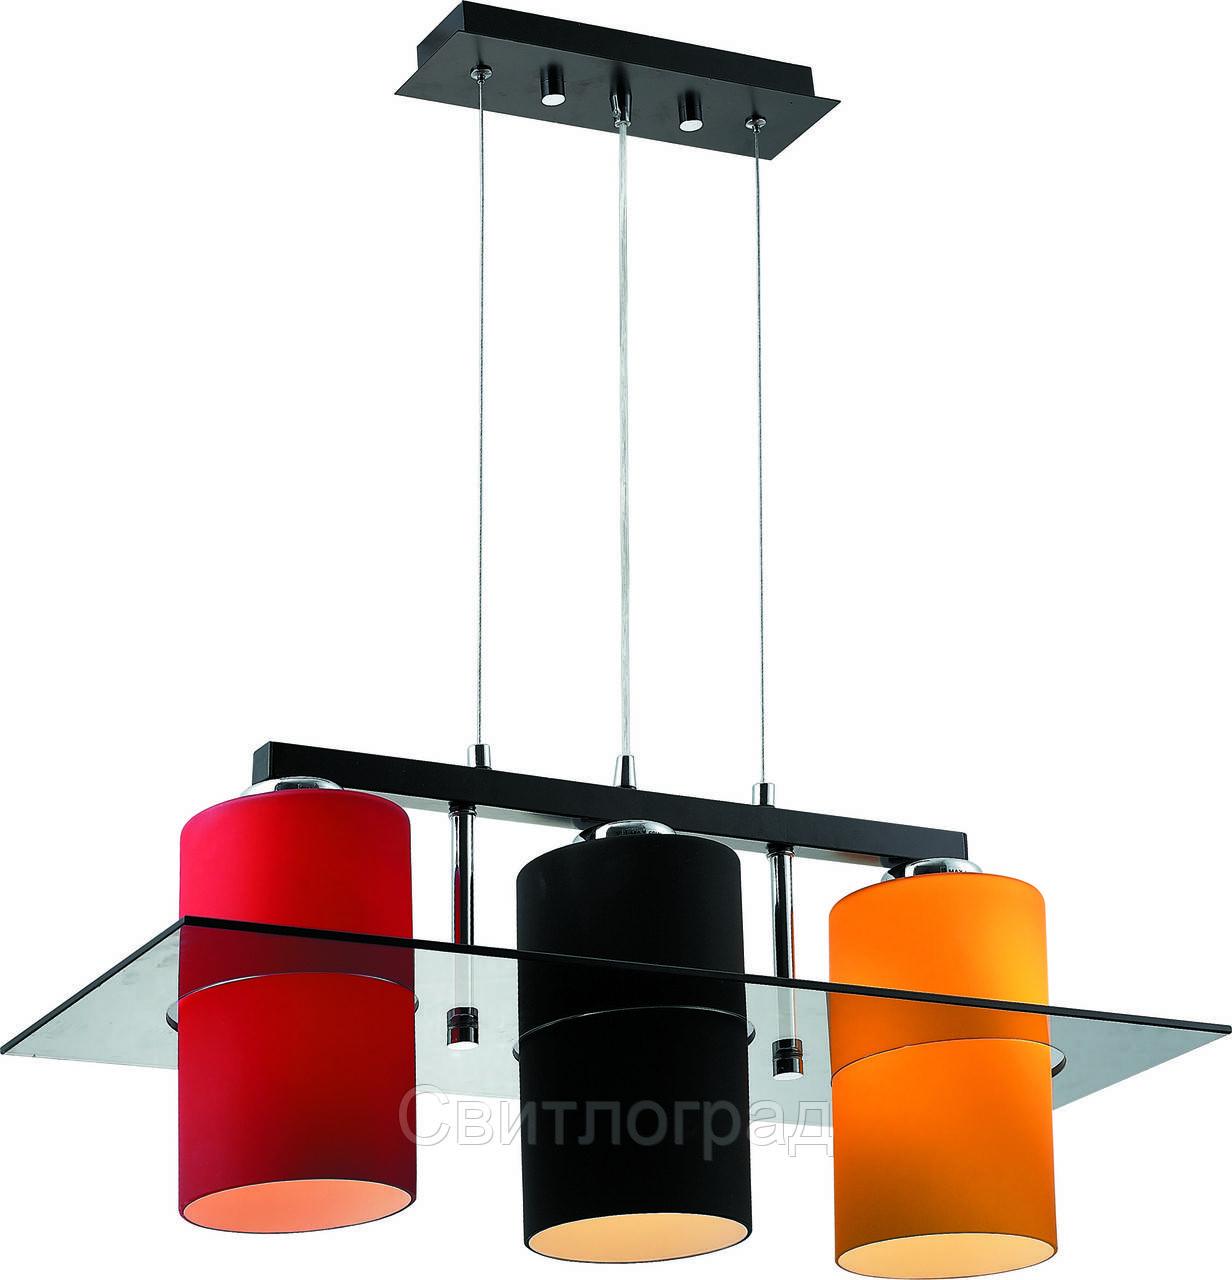 Люстра с Плафонами   Светильник Подвесной Altalusse INL-9171P-03 Amber & Red & Black